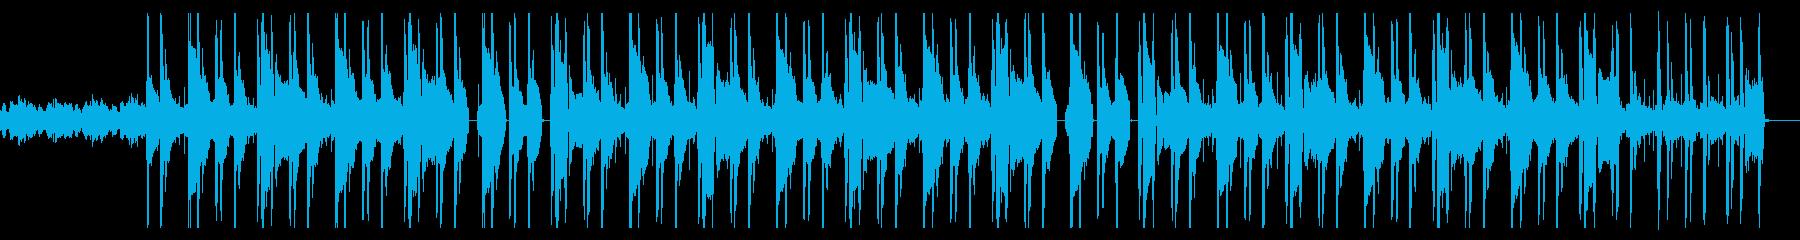 ダークで不穏なヒップホップ・トラップの再生済みの波形